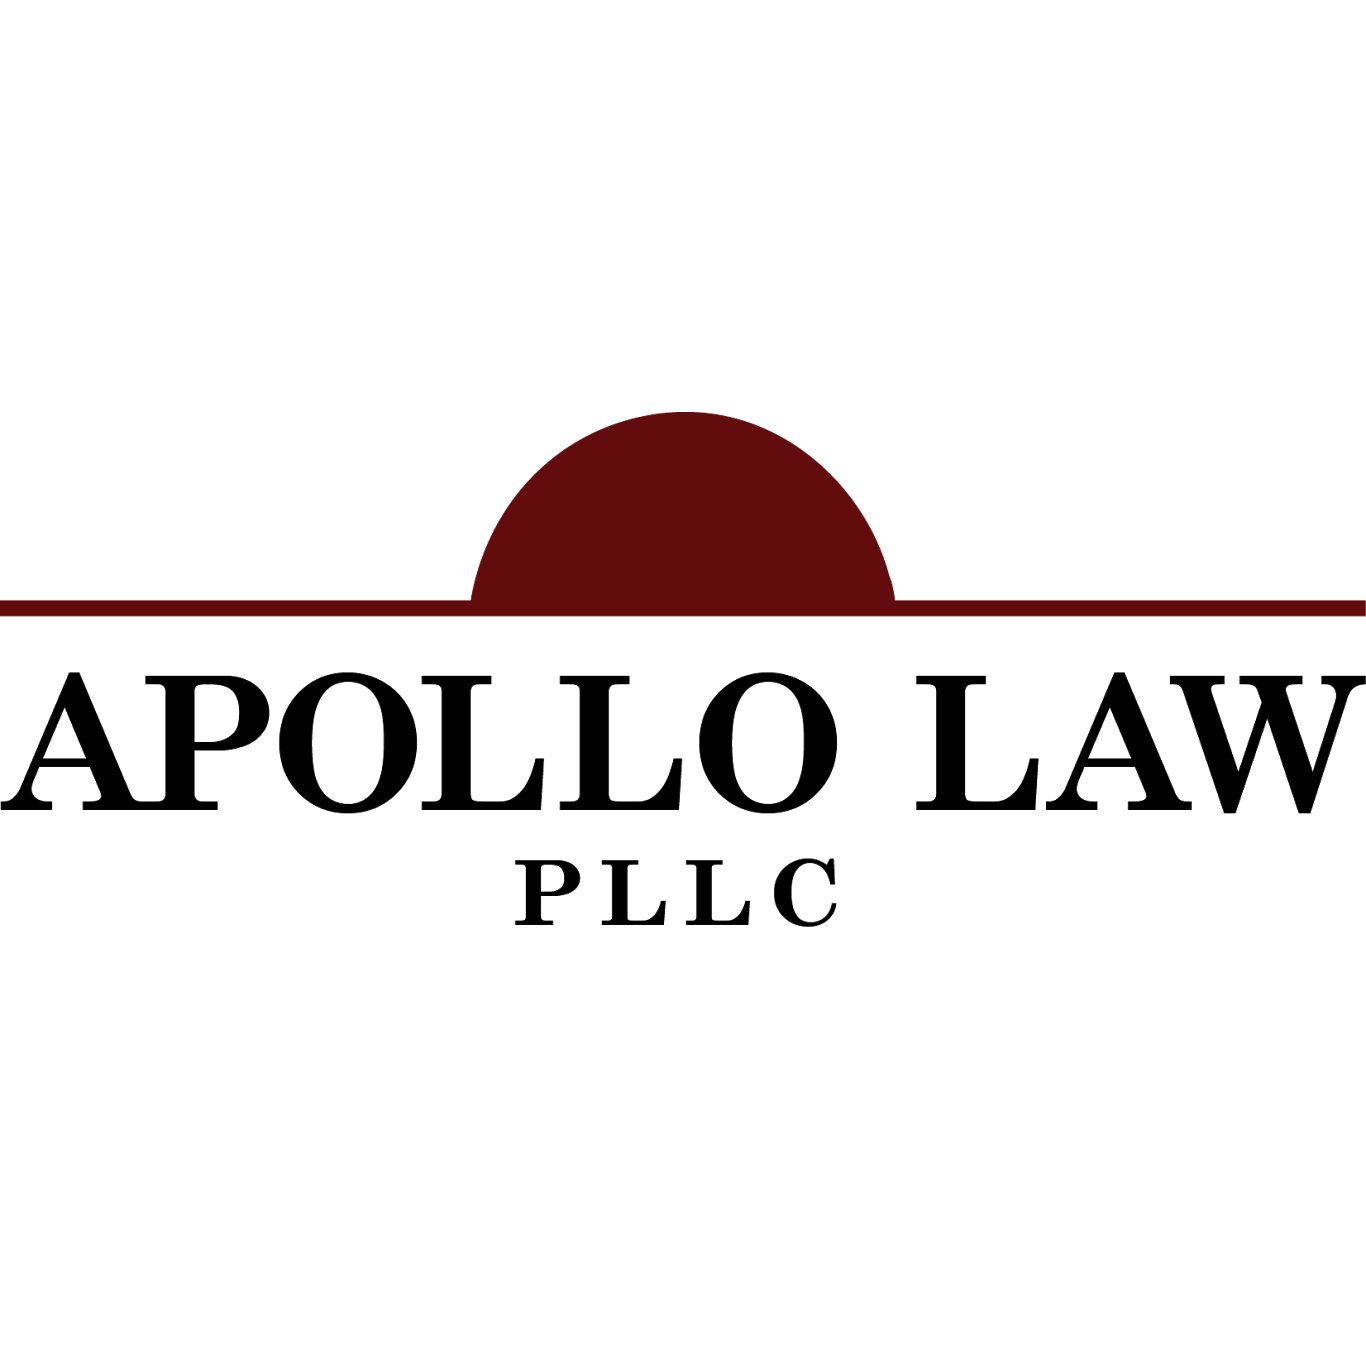 Apollo Law, PLLC